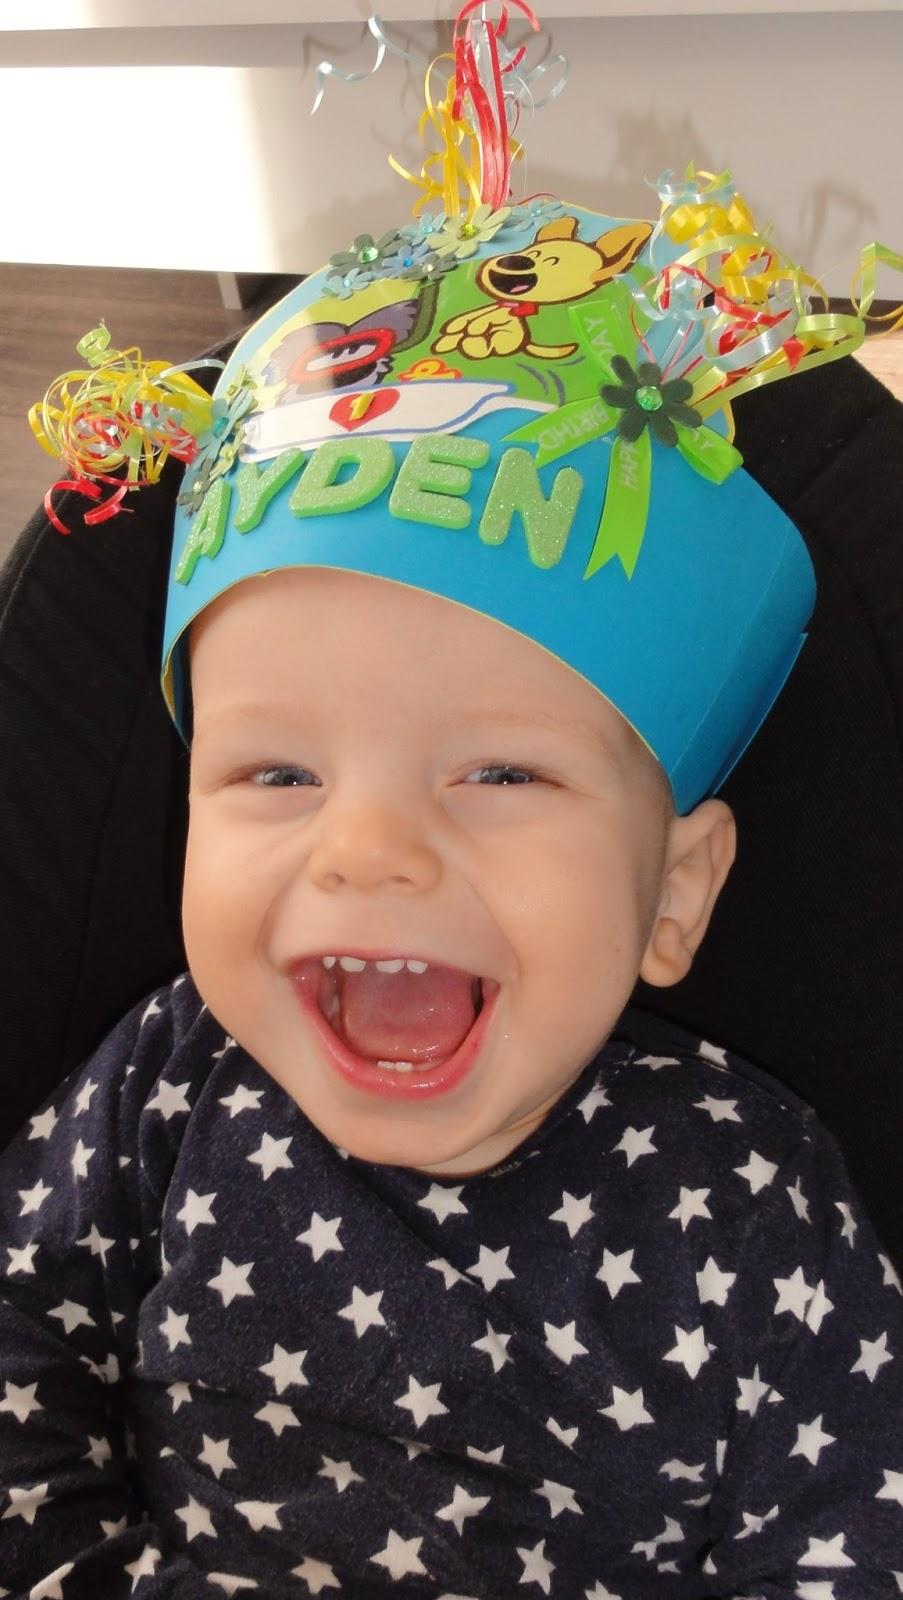 jarig muts Syl's Verjaardagsmutsen   Syl's Birthday Hats: juni 2013 jarig muts